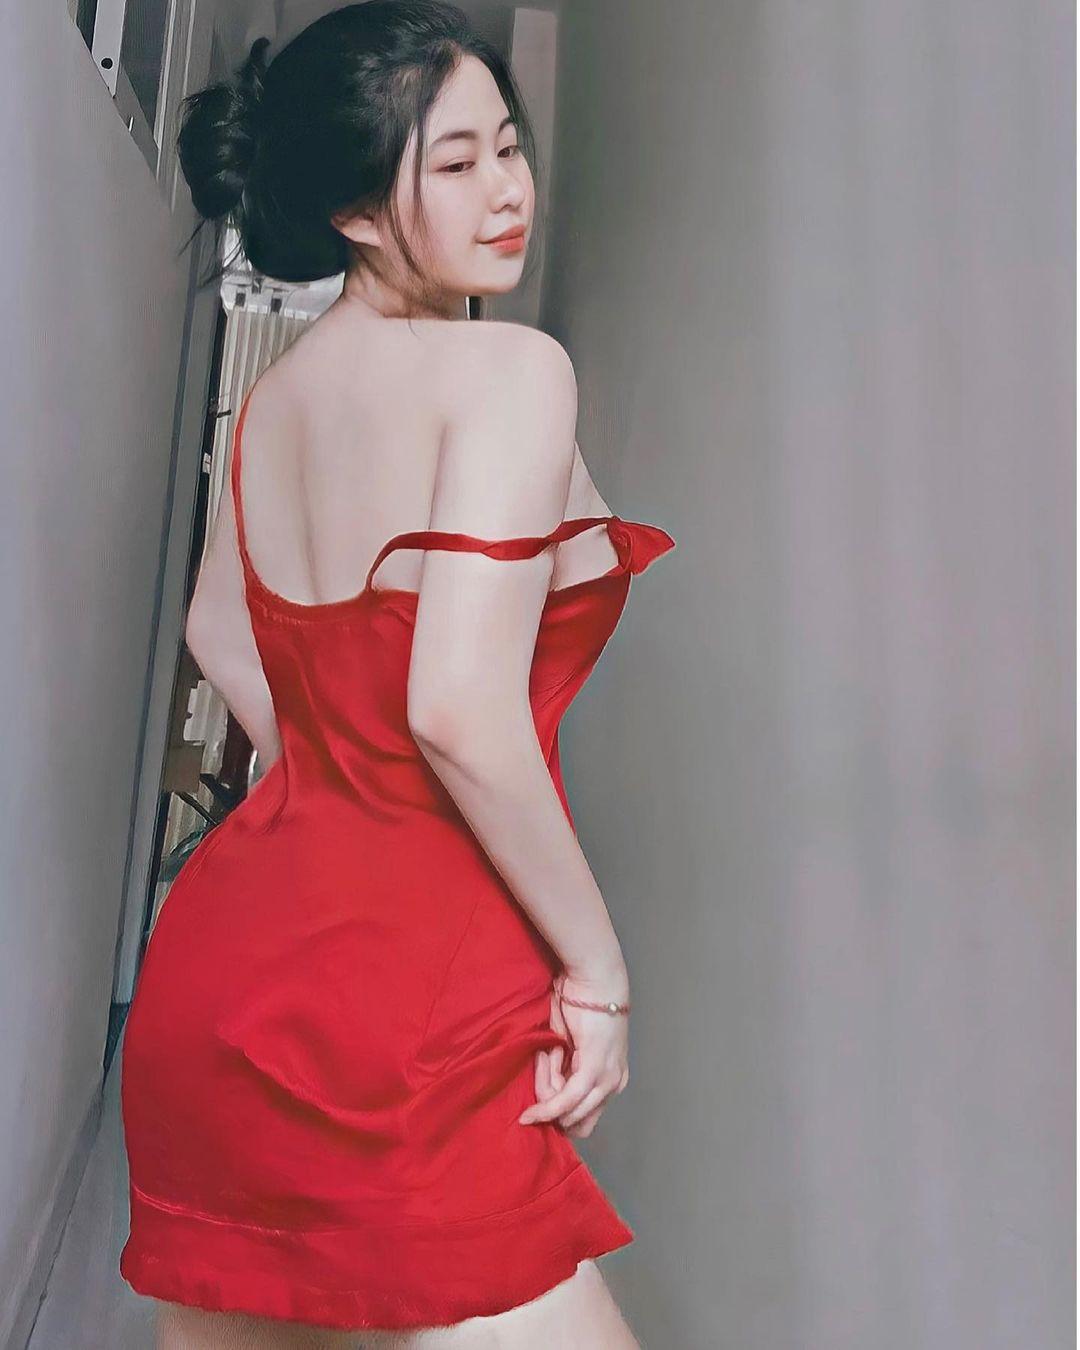 Cô béo xinh đẹp nổi tiếng Đà Nẵng nhờ mẹ may đồ gợi cảm giống thần tượng - 9